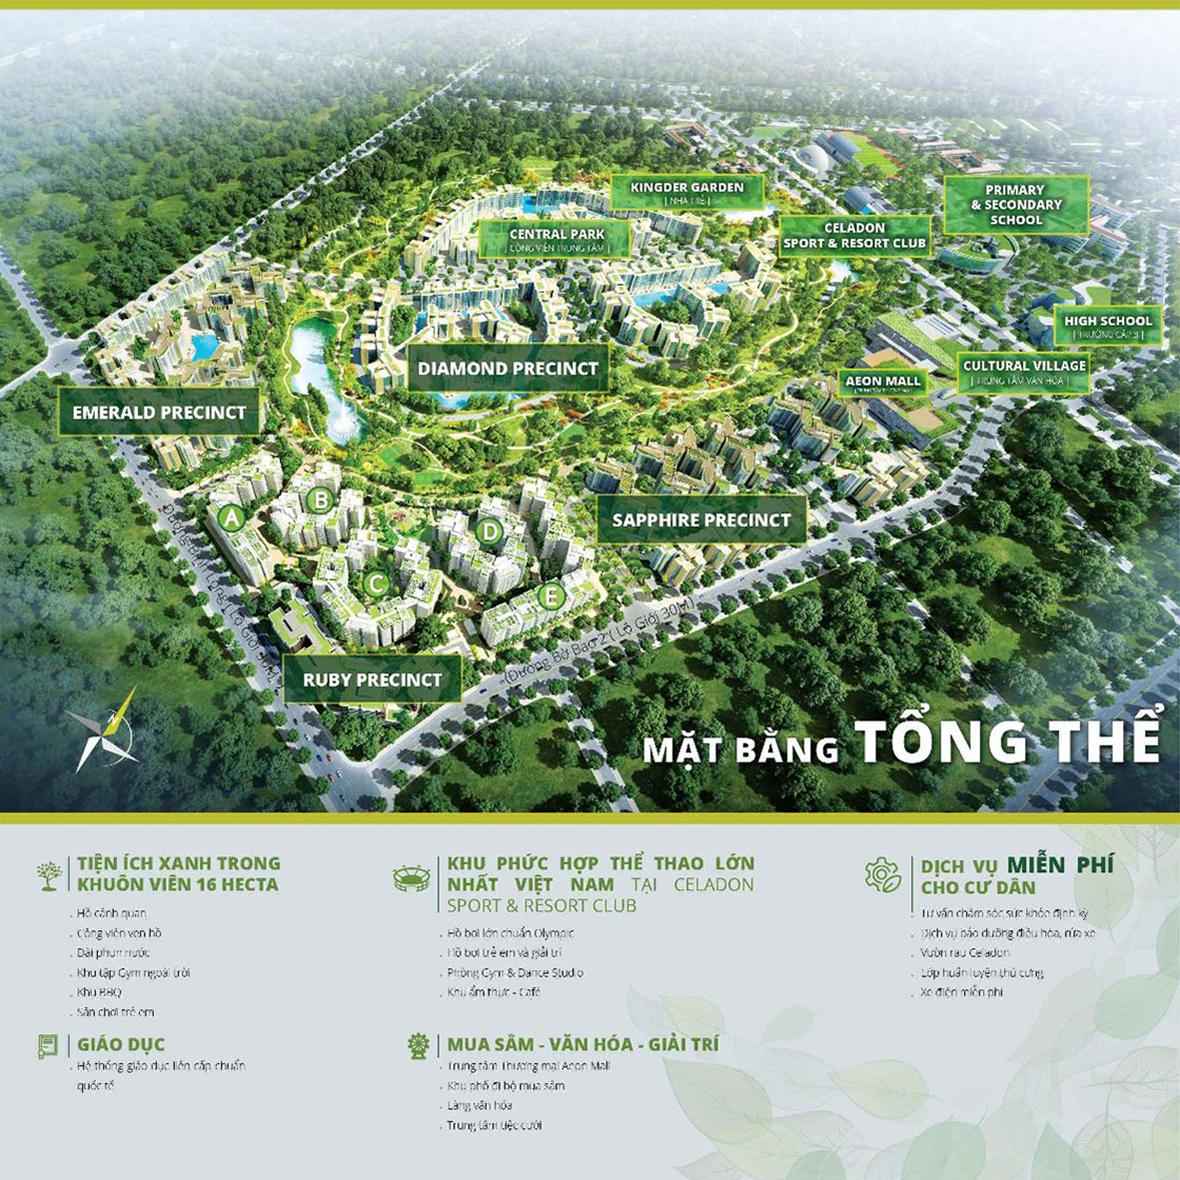 Khu đô thị Celadon City Tân Phú – Thành phố xanh và hiện đại bậc nhất Sài Gòn. 4